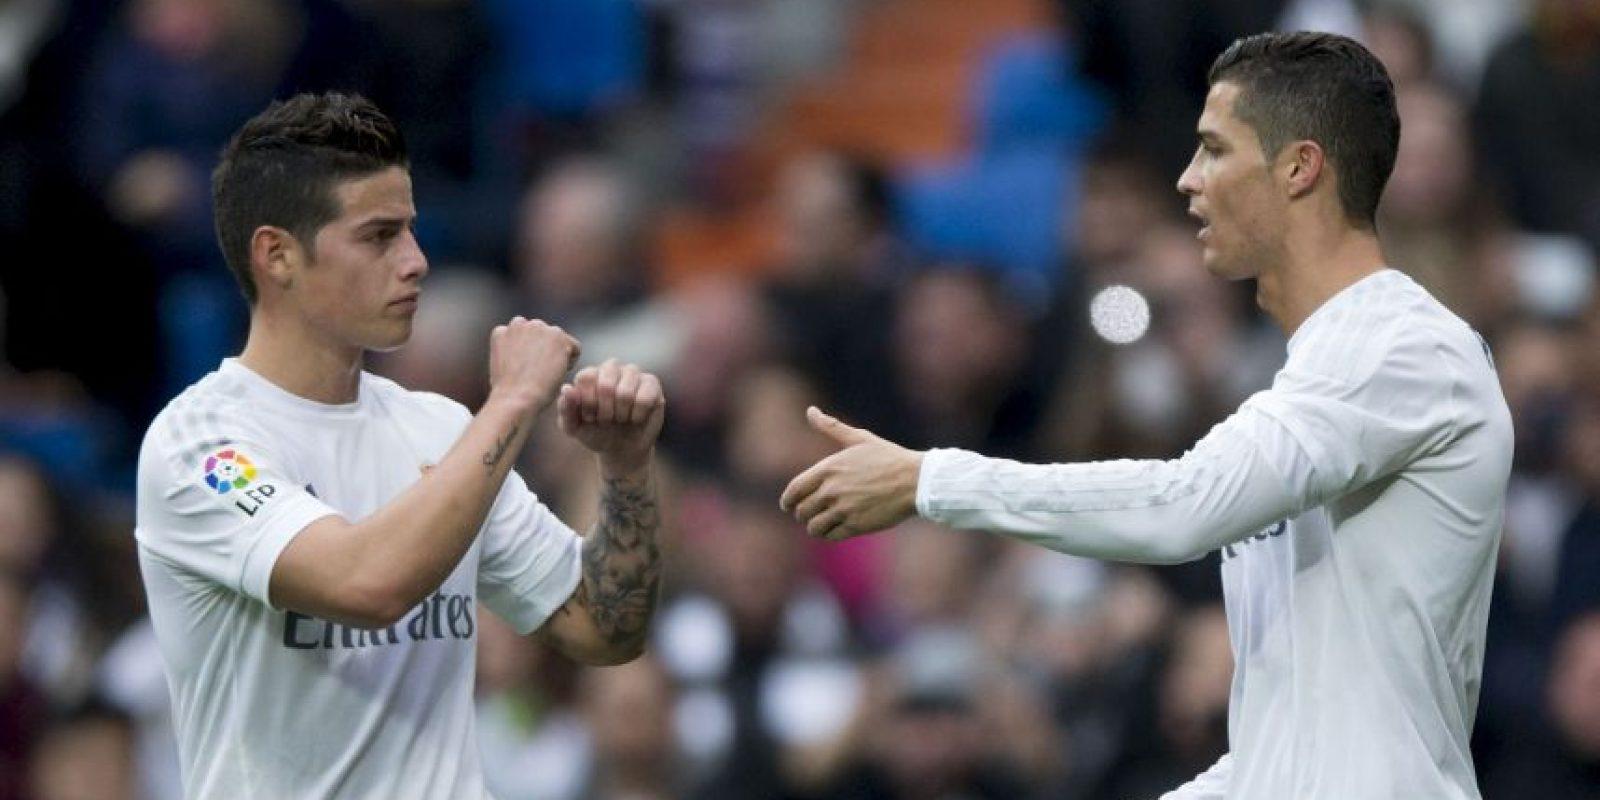 Tampoco ha marcado goles Foto:Getty Images